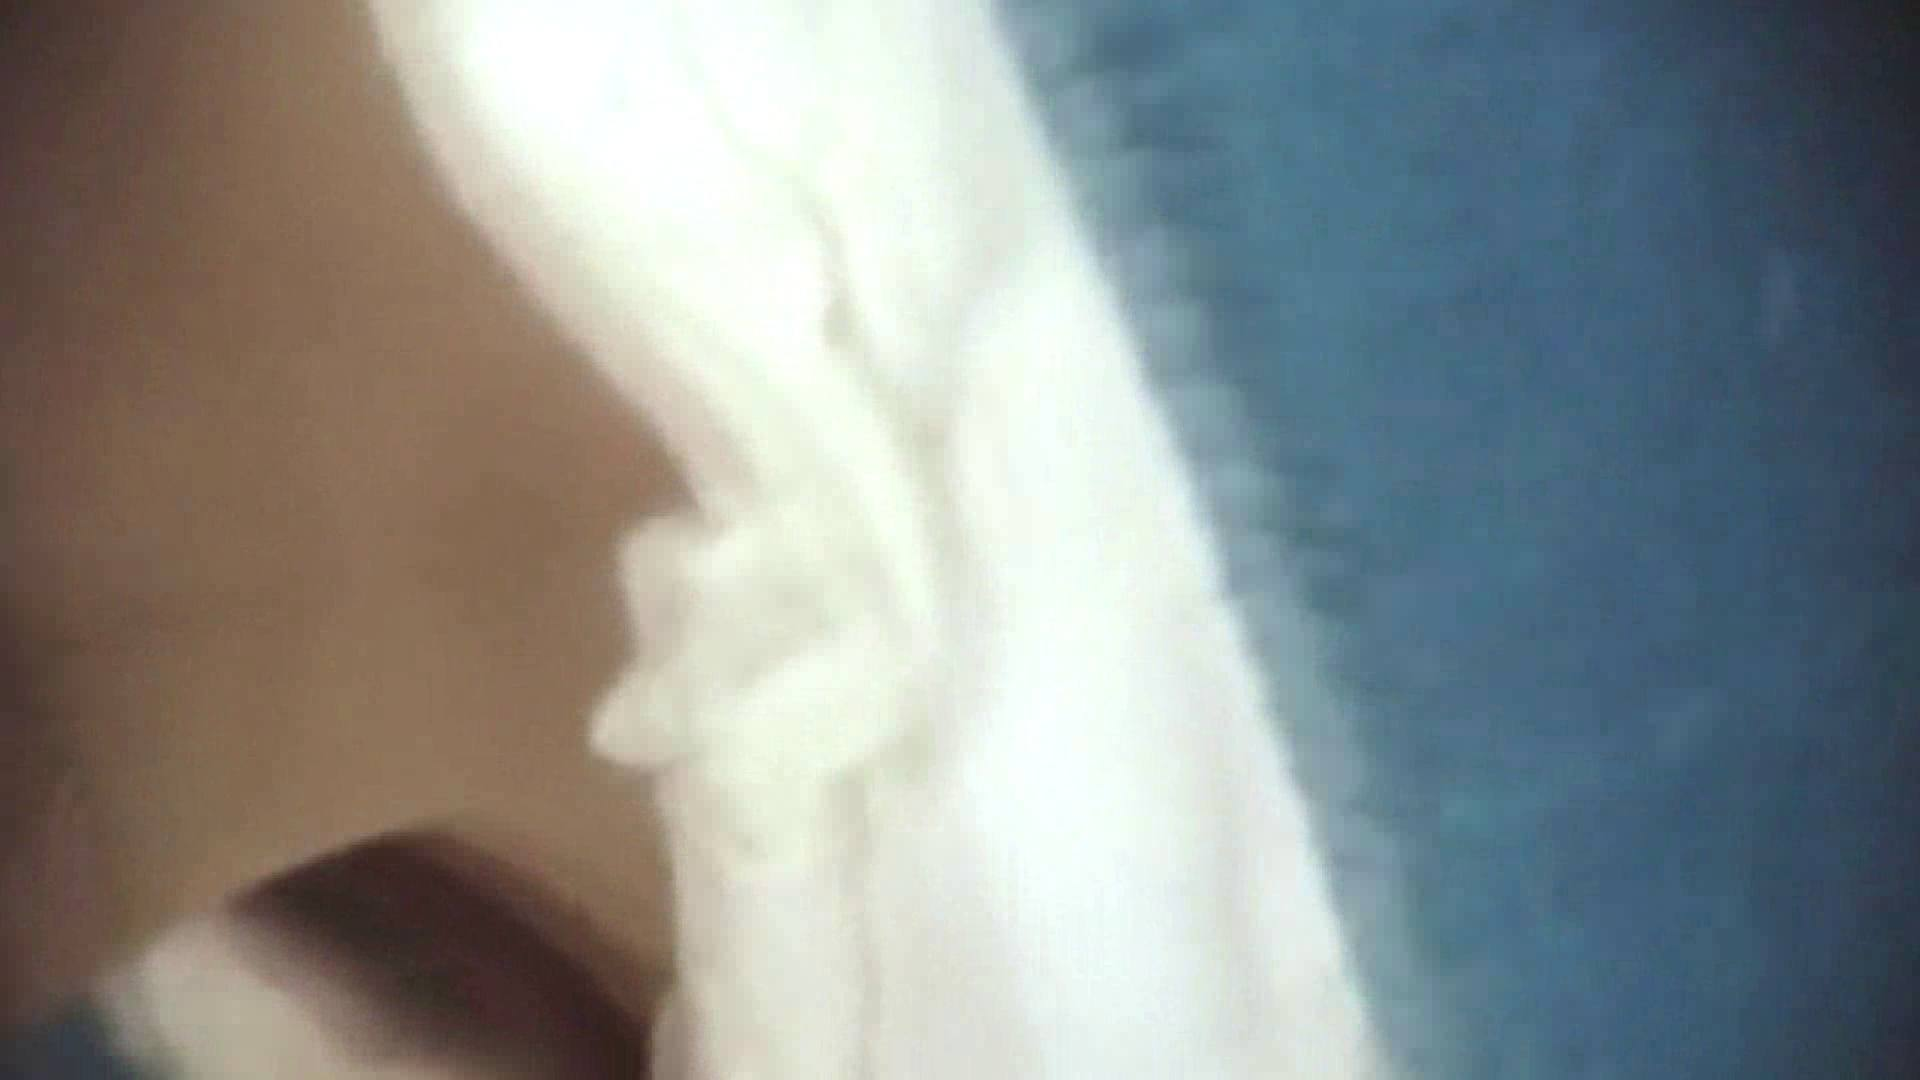 真剣に買い物中のgal達を上から下から狙います。vol.06 JKのエロ生活 | OLのエロ生活  106連発 101